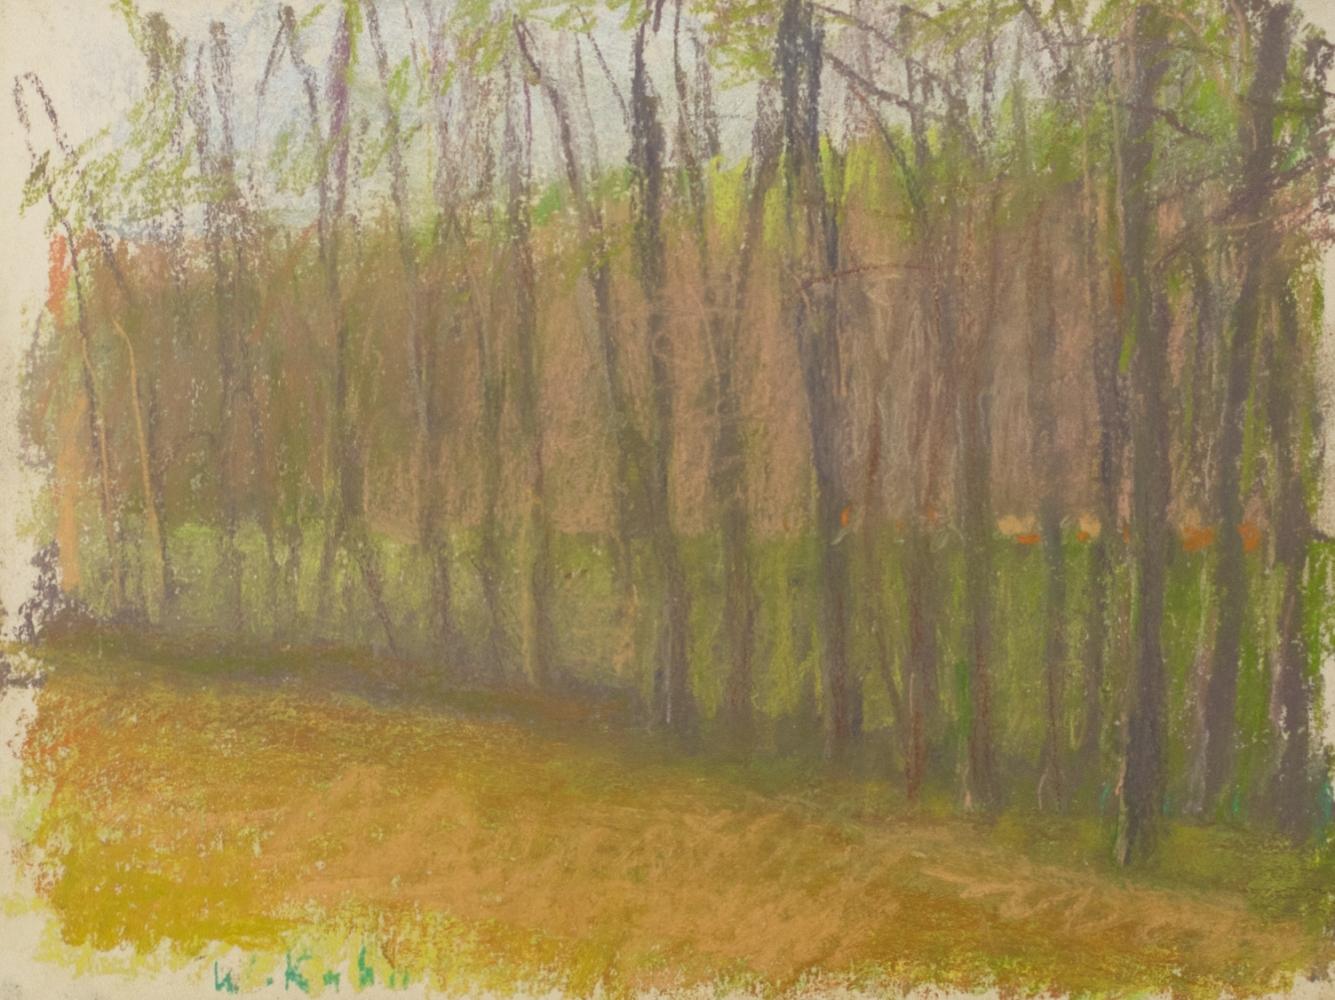 Wolf Kahn, Brake, 1989, Pastel, 9x12 inches, Wolf Kahn Pastels, Wolf Kahn Pastels for sale, Wolf Kahn trees